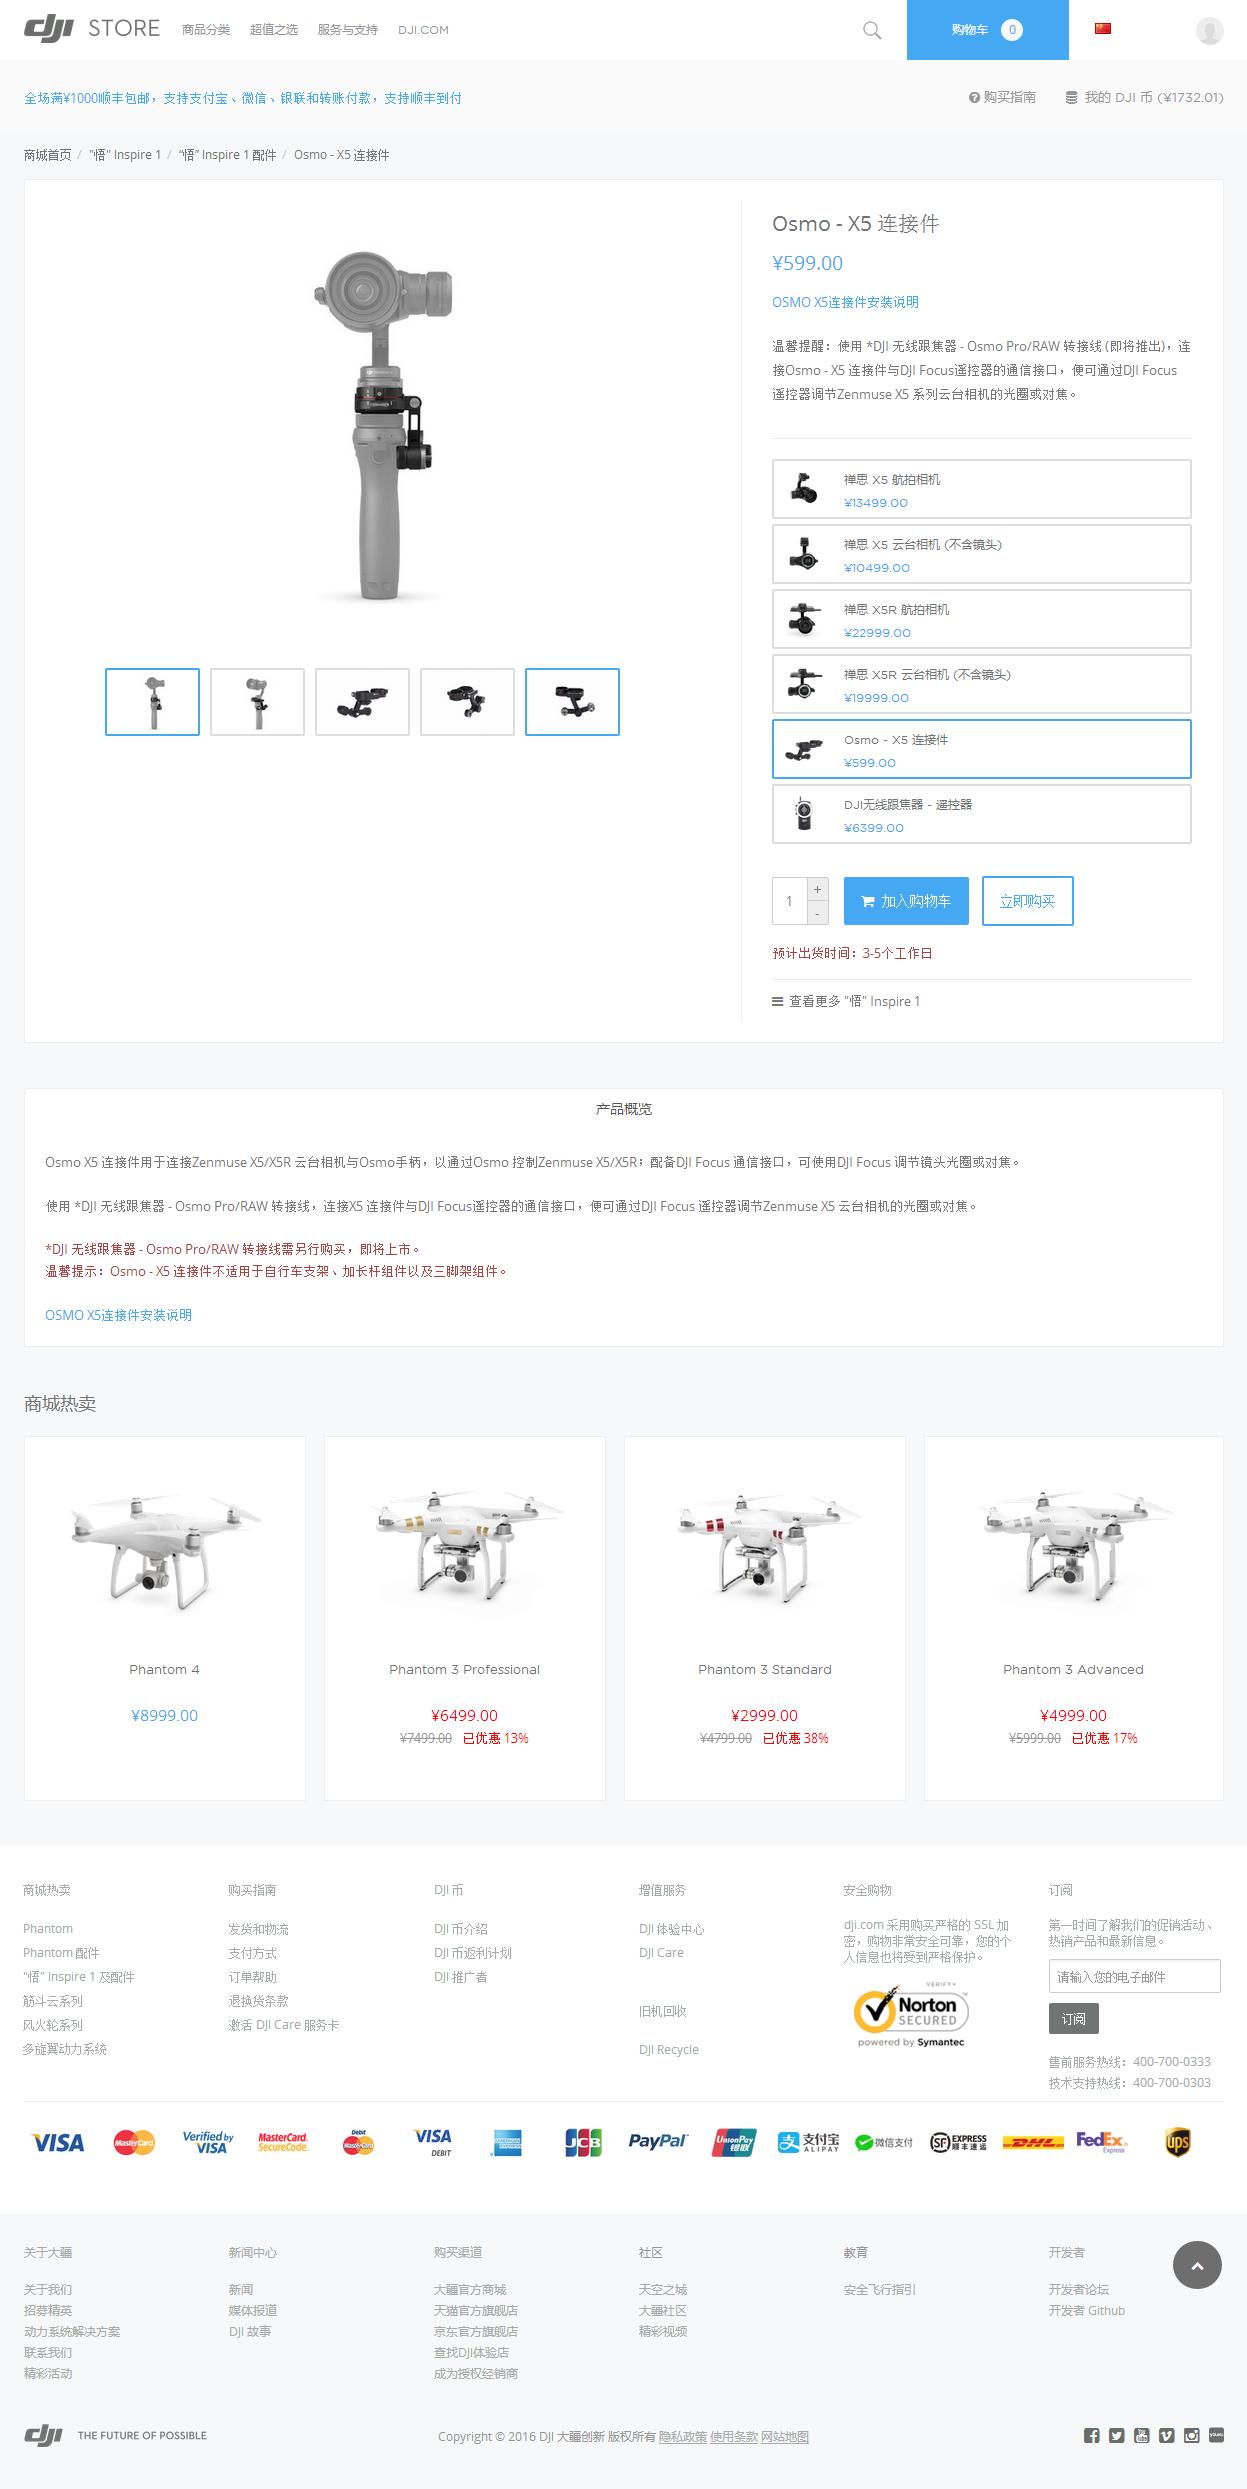 购买 Osmo - X5 连接件   DJI 官方商城.png